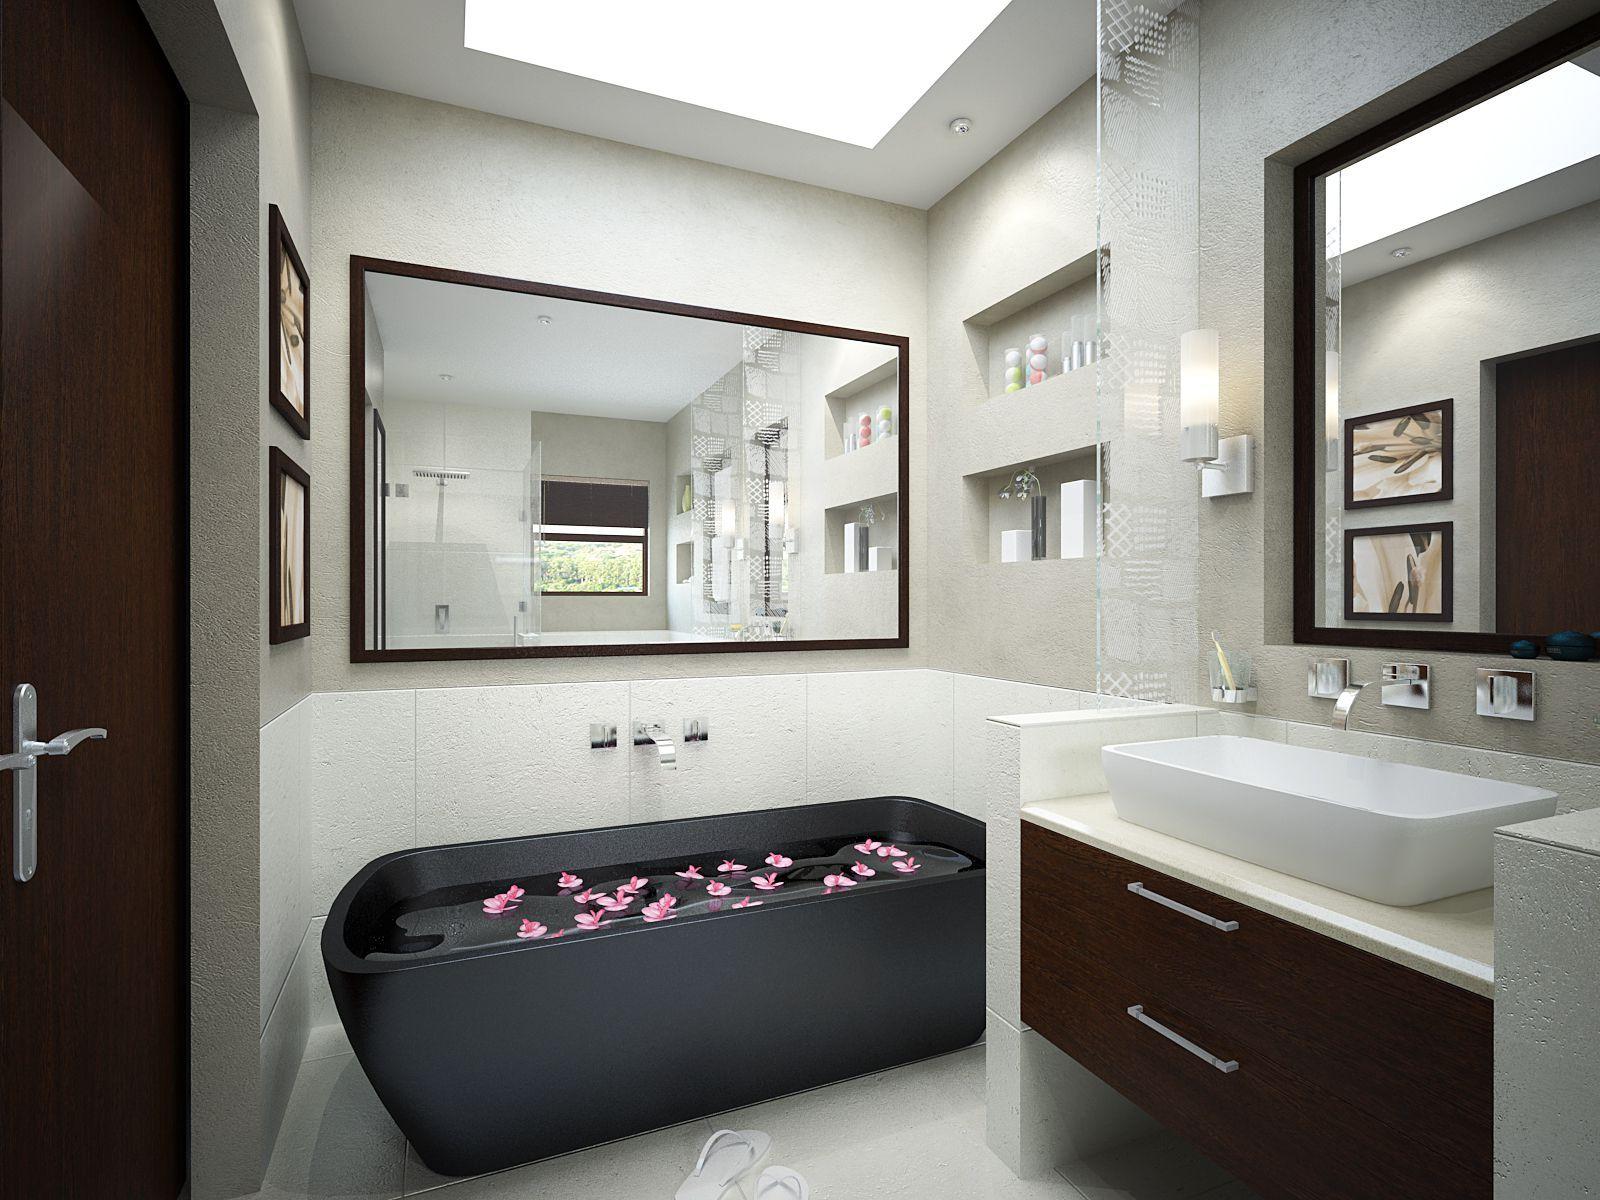 Zeitgenössische Badezimmer, Badezimmer Einrichtung, Modernes  Badezimmerdesign, Badezimmerwaschtisch Designs, Modernes Badezimmer Zubehör,  Minimalistische ...